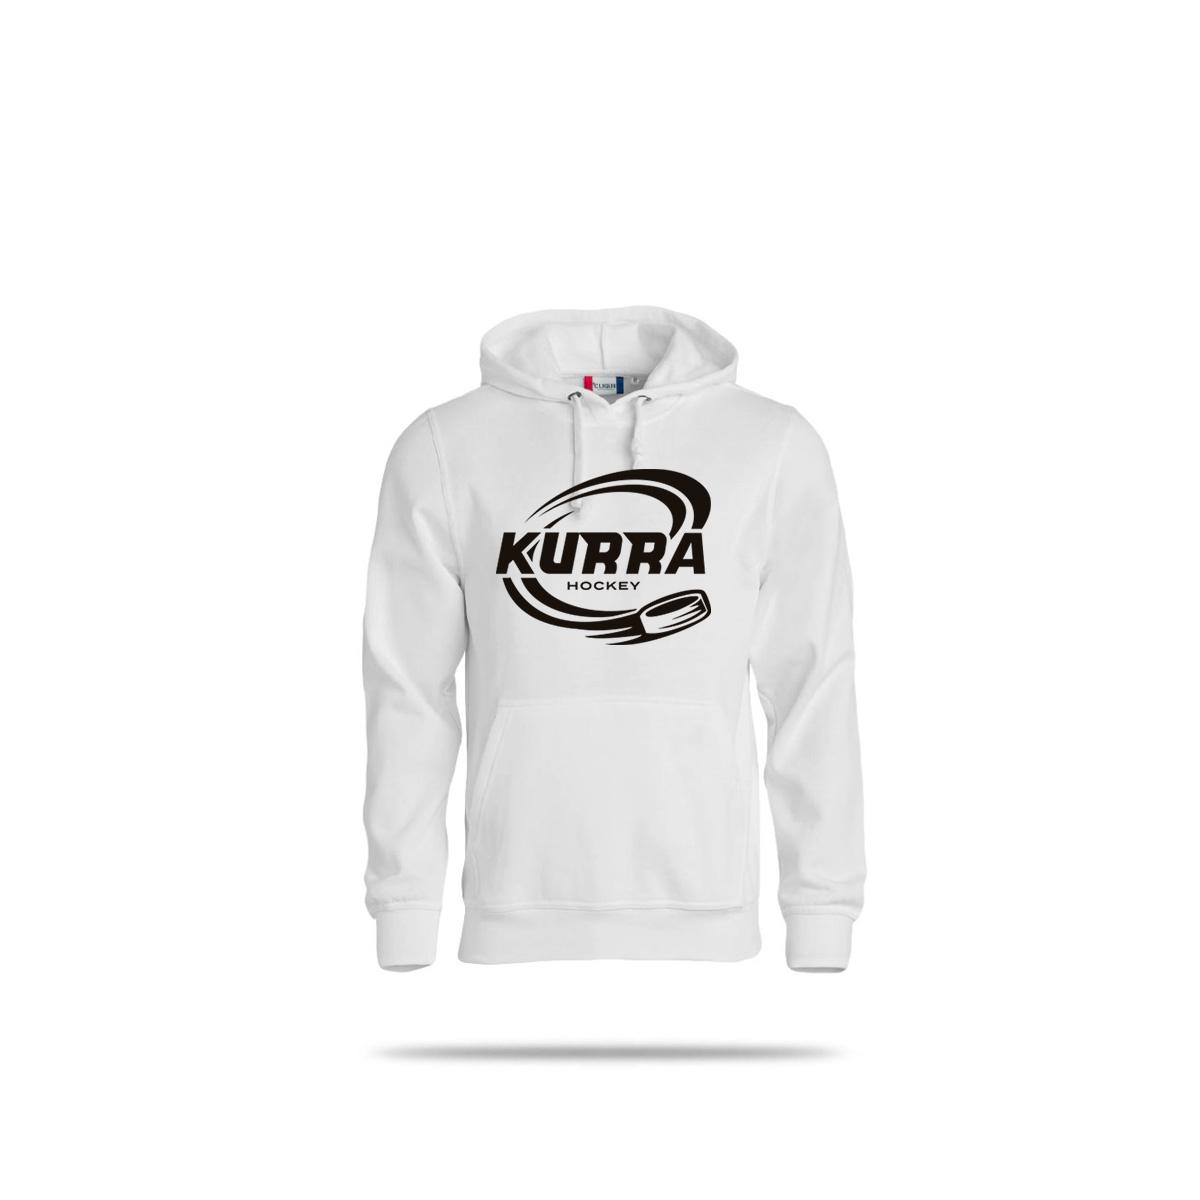 Kurra-Mono-3026-valkoinen